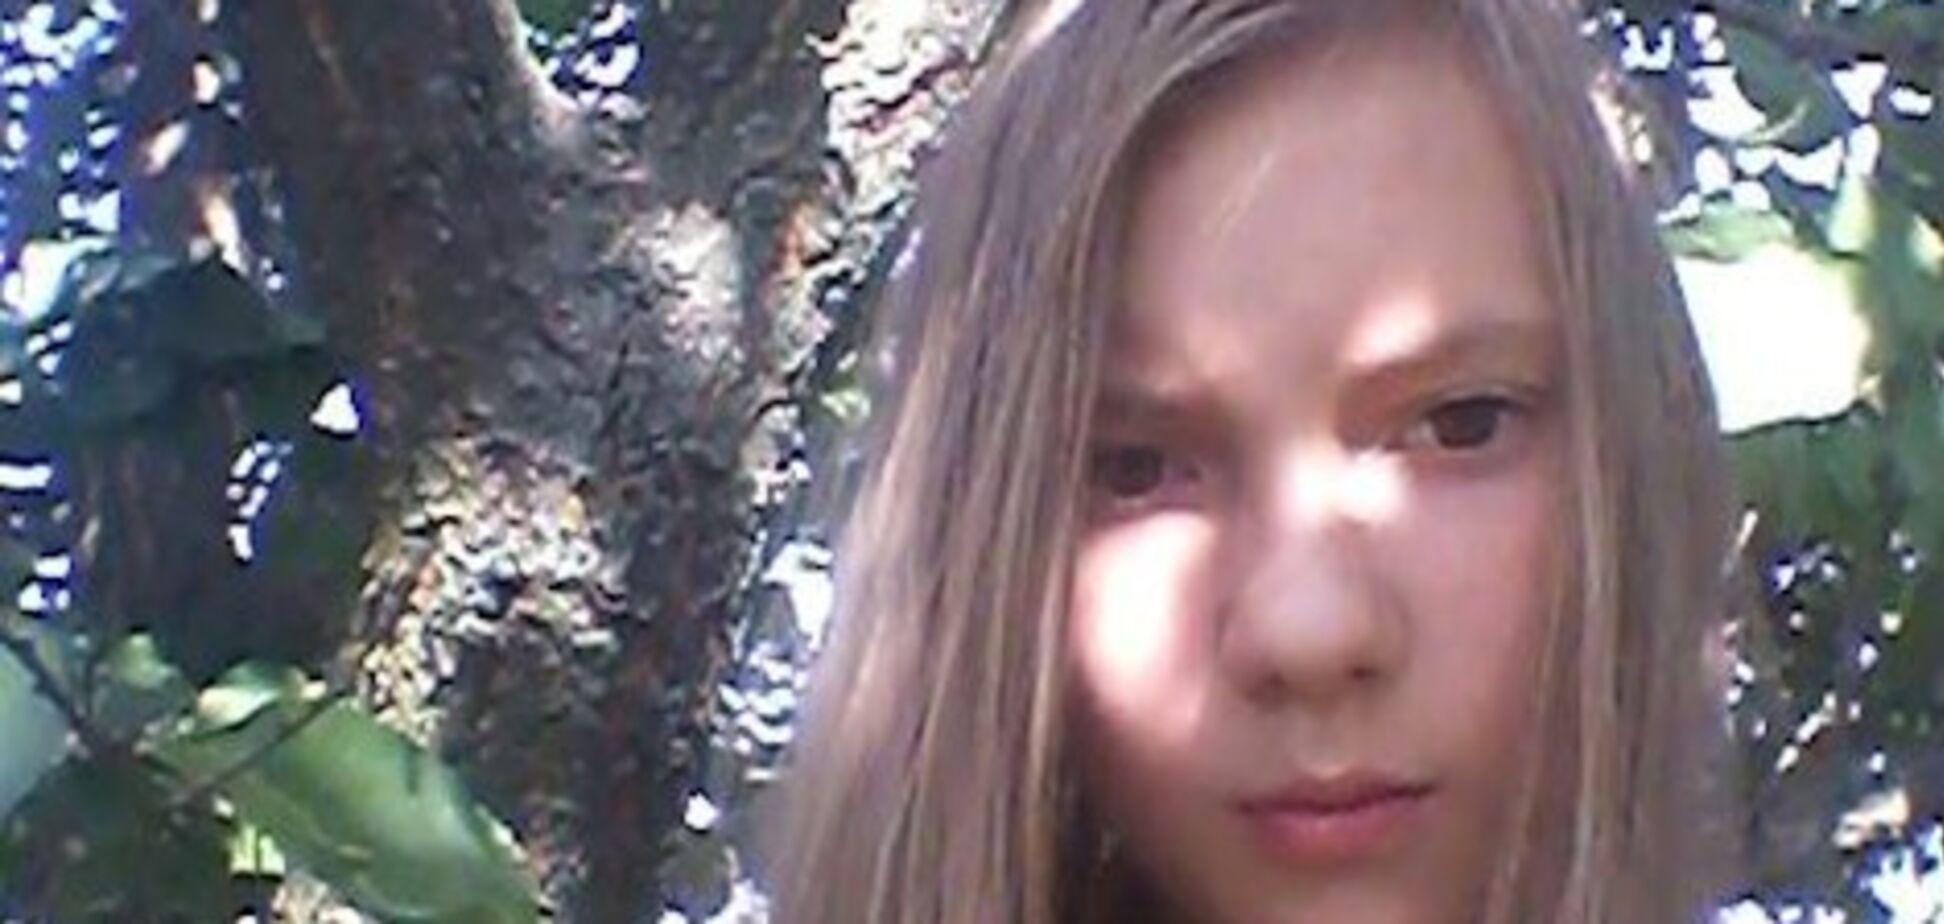 Страшное убийство 12-летней девочки под Кропивницким: бабушка погибшей рассказала о ее последнем дне